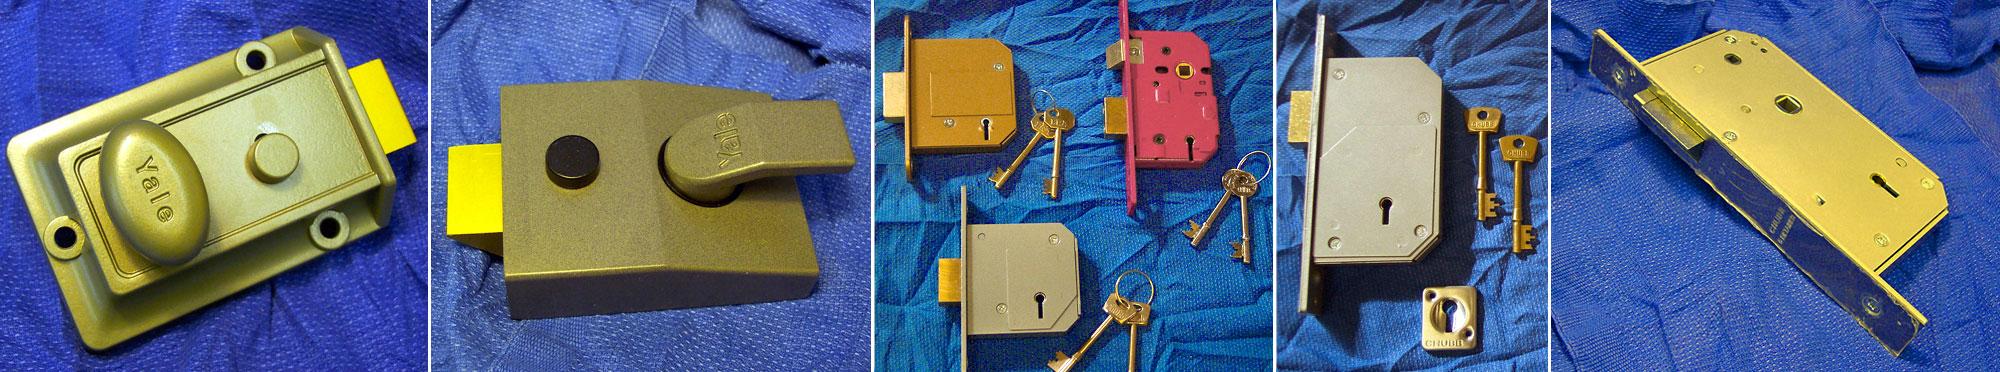 Rim locks, mortice locks, dead locks and latch locks